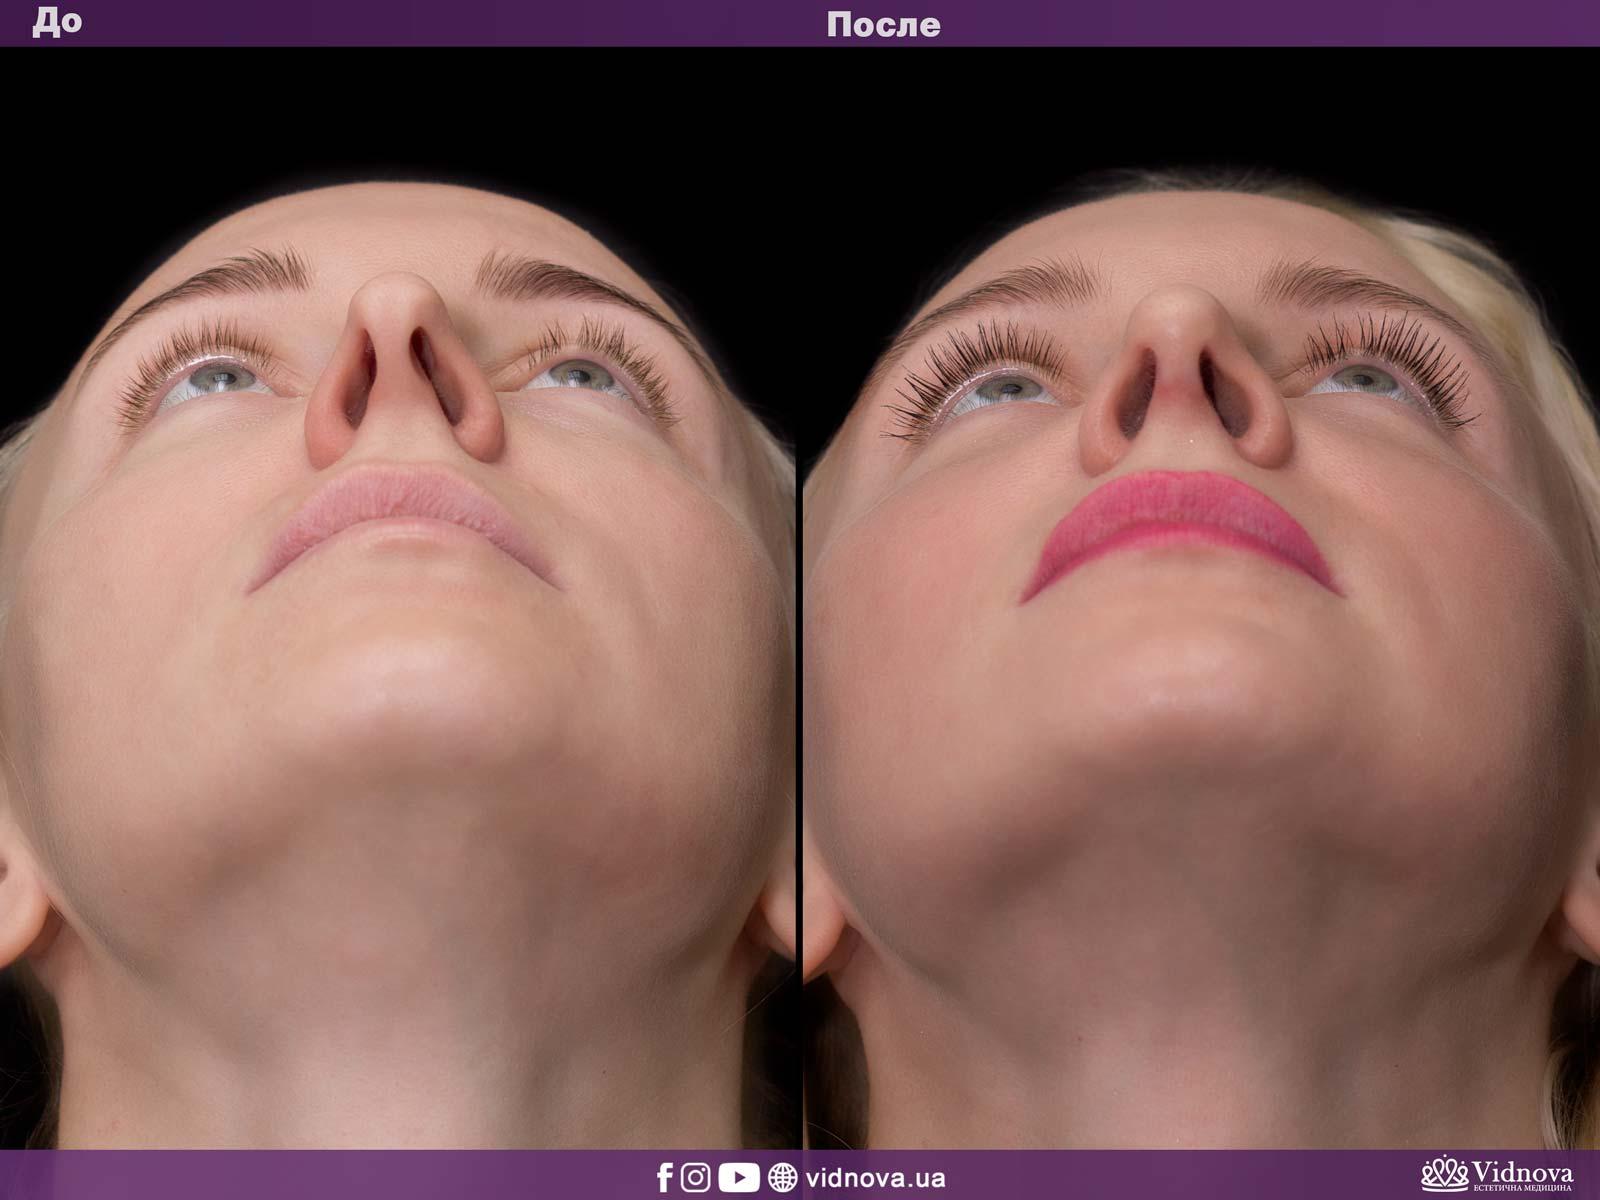 Ринопластика: Фото ДО и ПОСЛЕ - Пример №5-4 - Клиника Vidnova